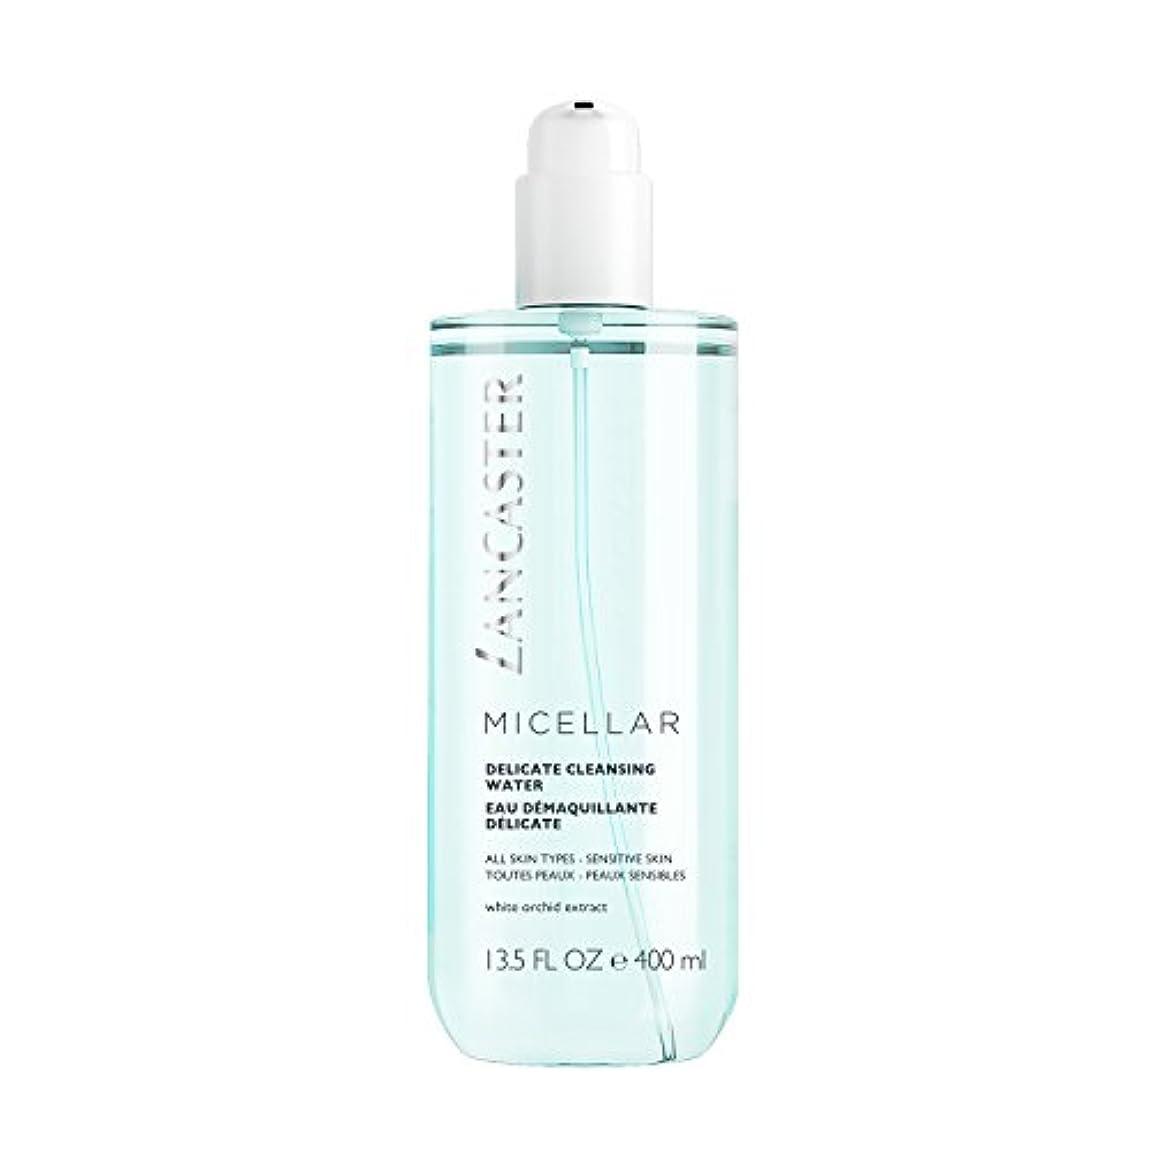 はっきりと判定駅ランカスター Micellar Delicate Cleansing Water - All Skin Types, Including Sensitive Skin 400ml/13.5oz並行輸入品